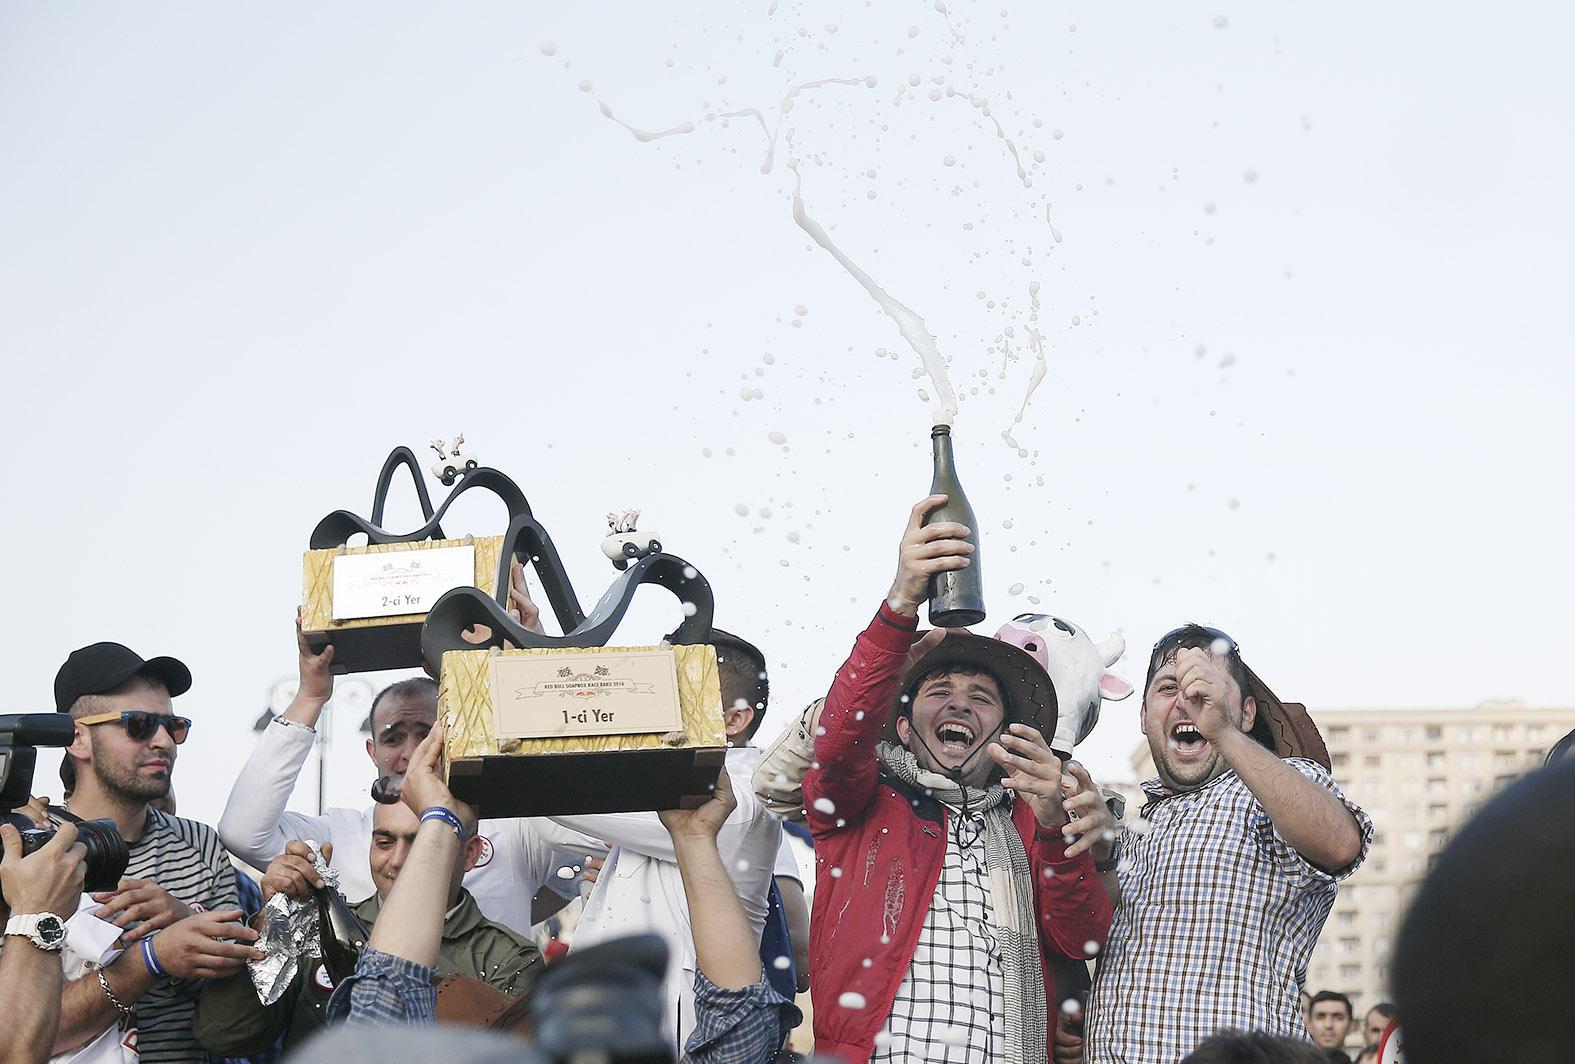 """Bakıda keçirilən """"Red Bull Soapbox"""" yarışının qalibləri müəyyənləşib (FOTO) (YENİLƏNİB) - Gallery Image"""